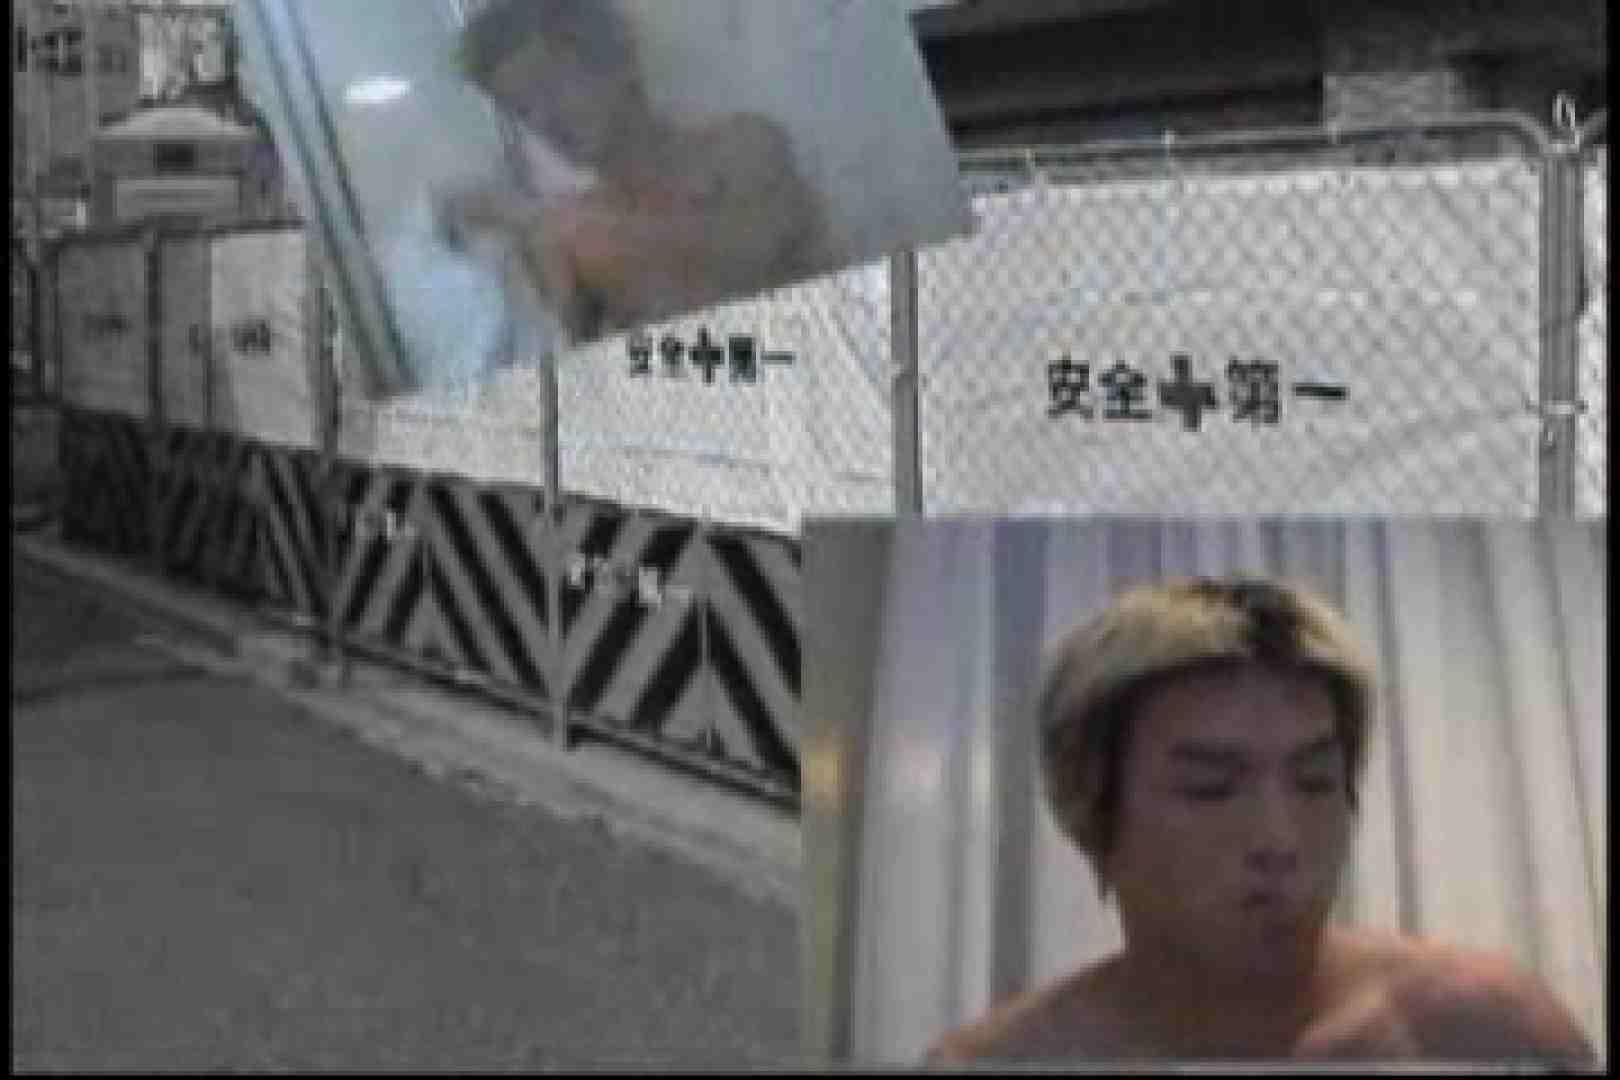 ガテン系男盛り!vol.01 手コキ AV動画 67枚 39